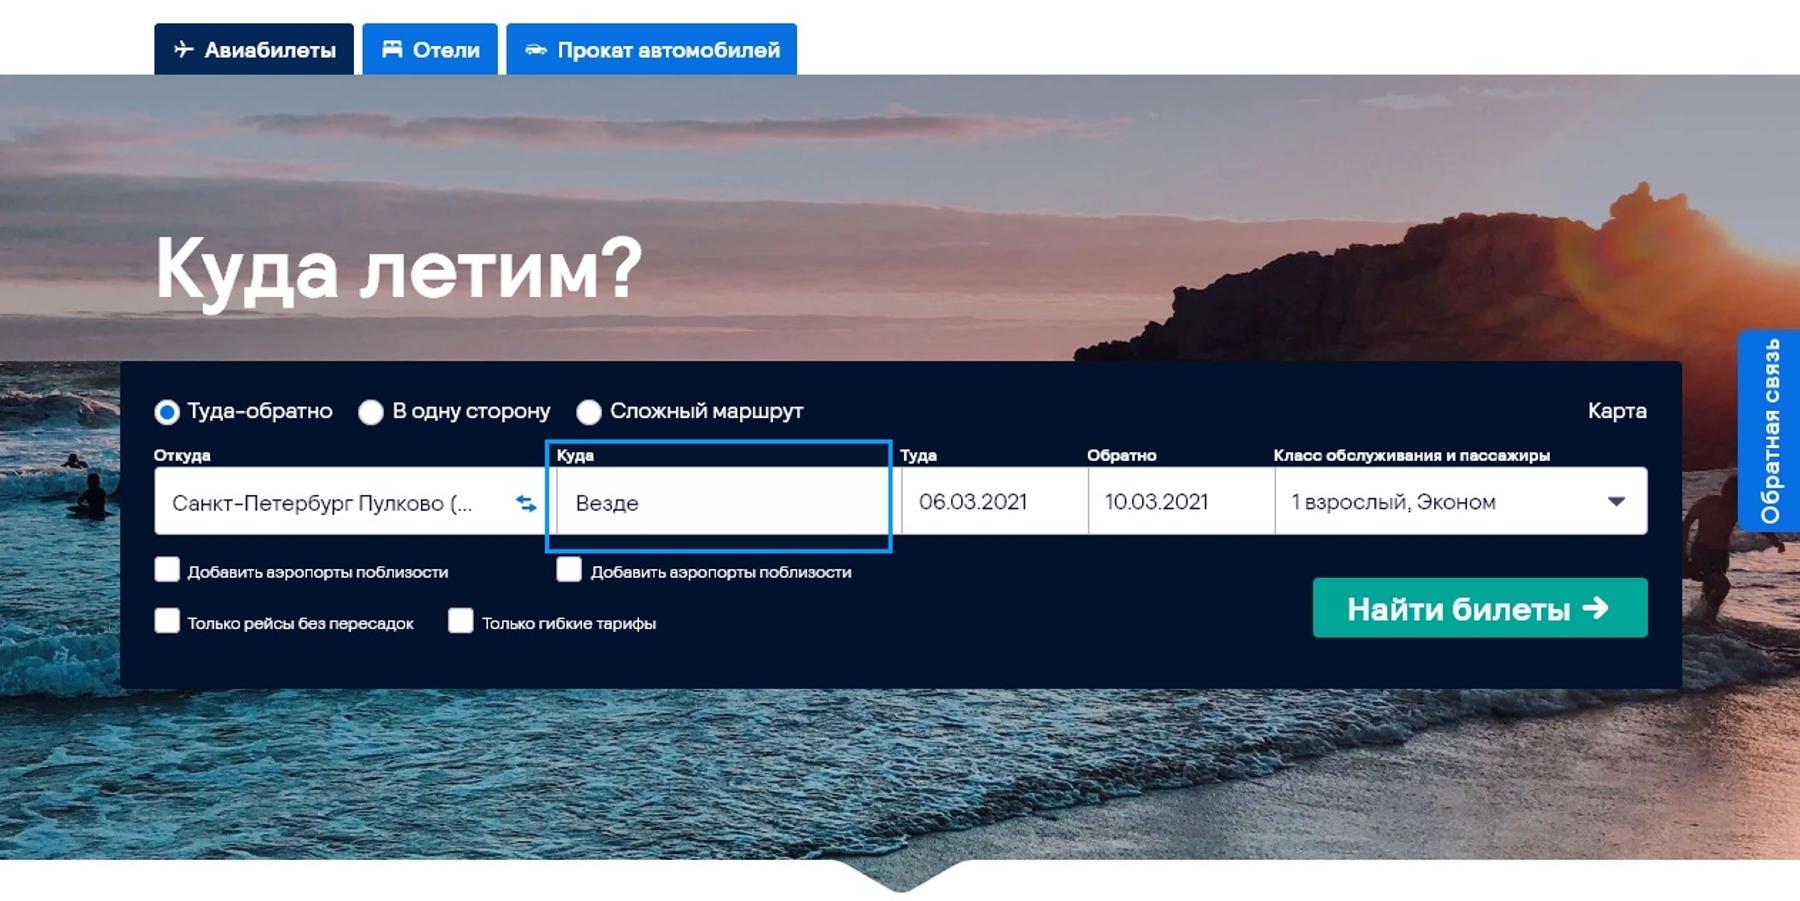 Как найти самое дешевое направление для поездки в ближайшее время: поиск «Везде» на Скайсканере